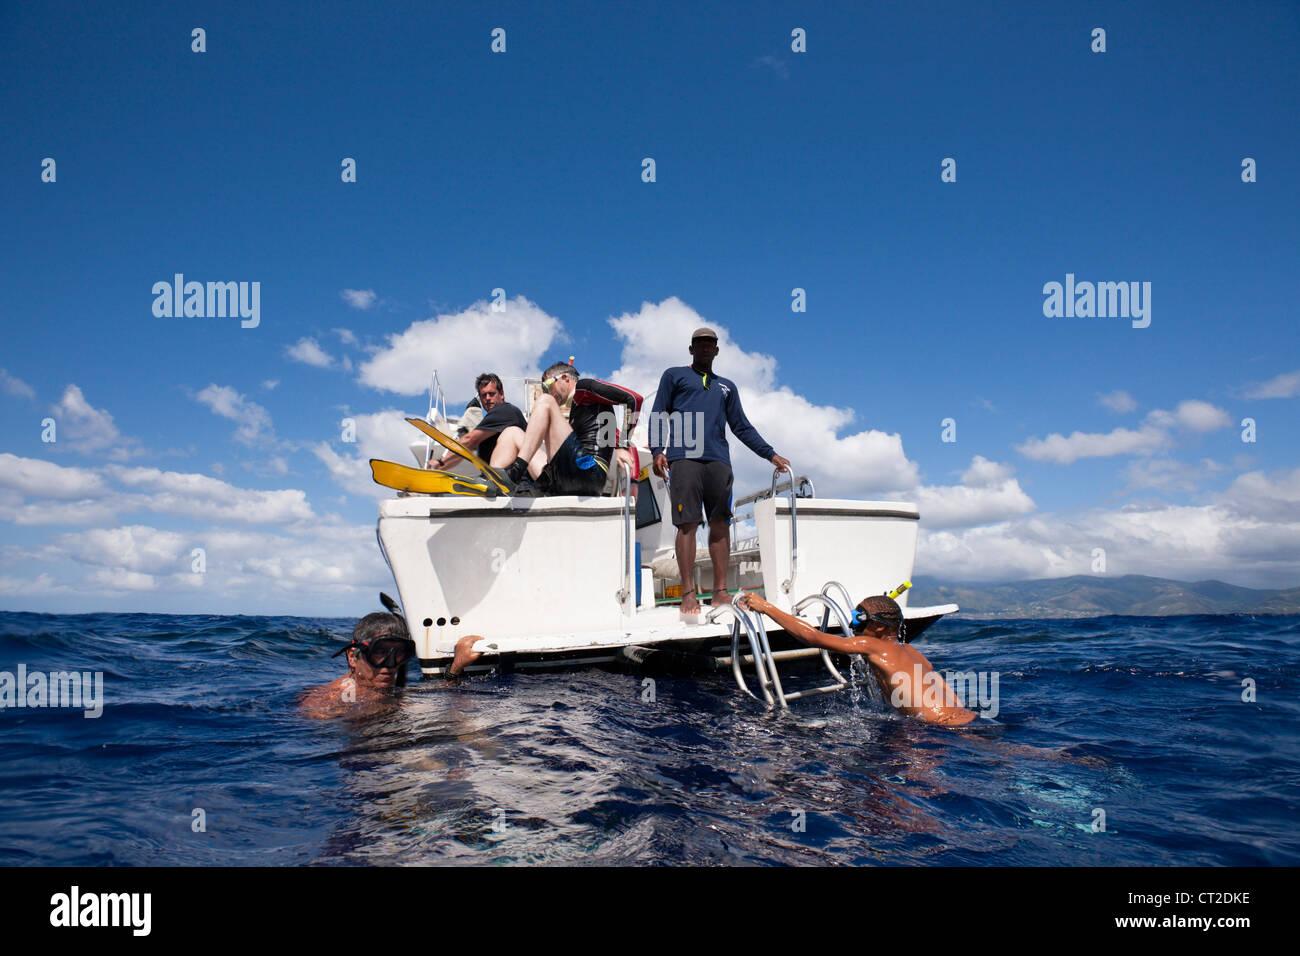 Voyage d'observation des baleines, la mer des Caraïbes, la Dominique Photo Stock